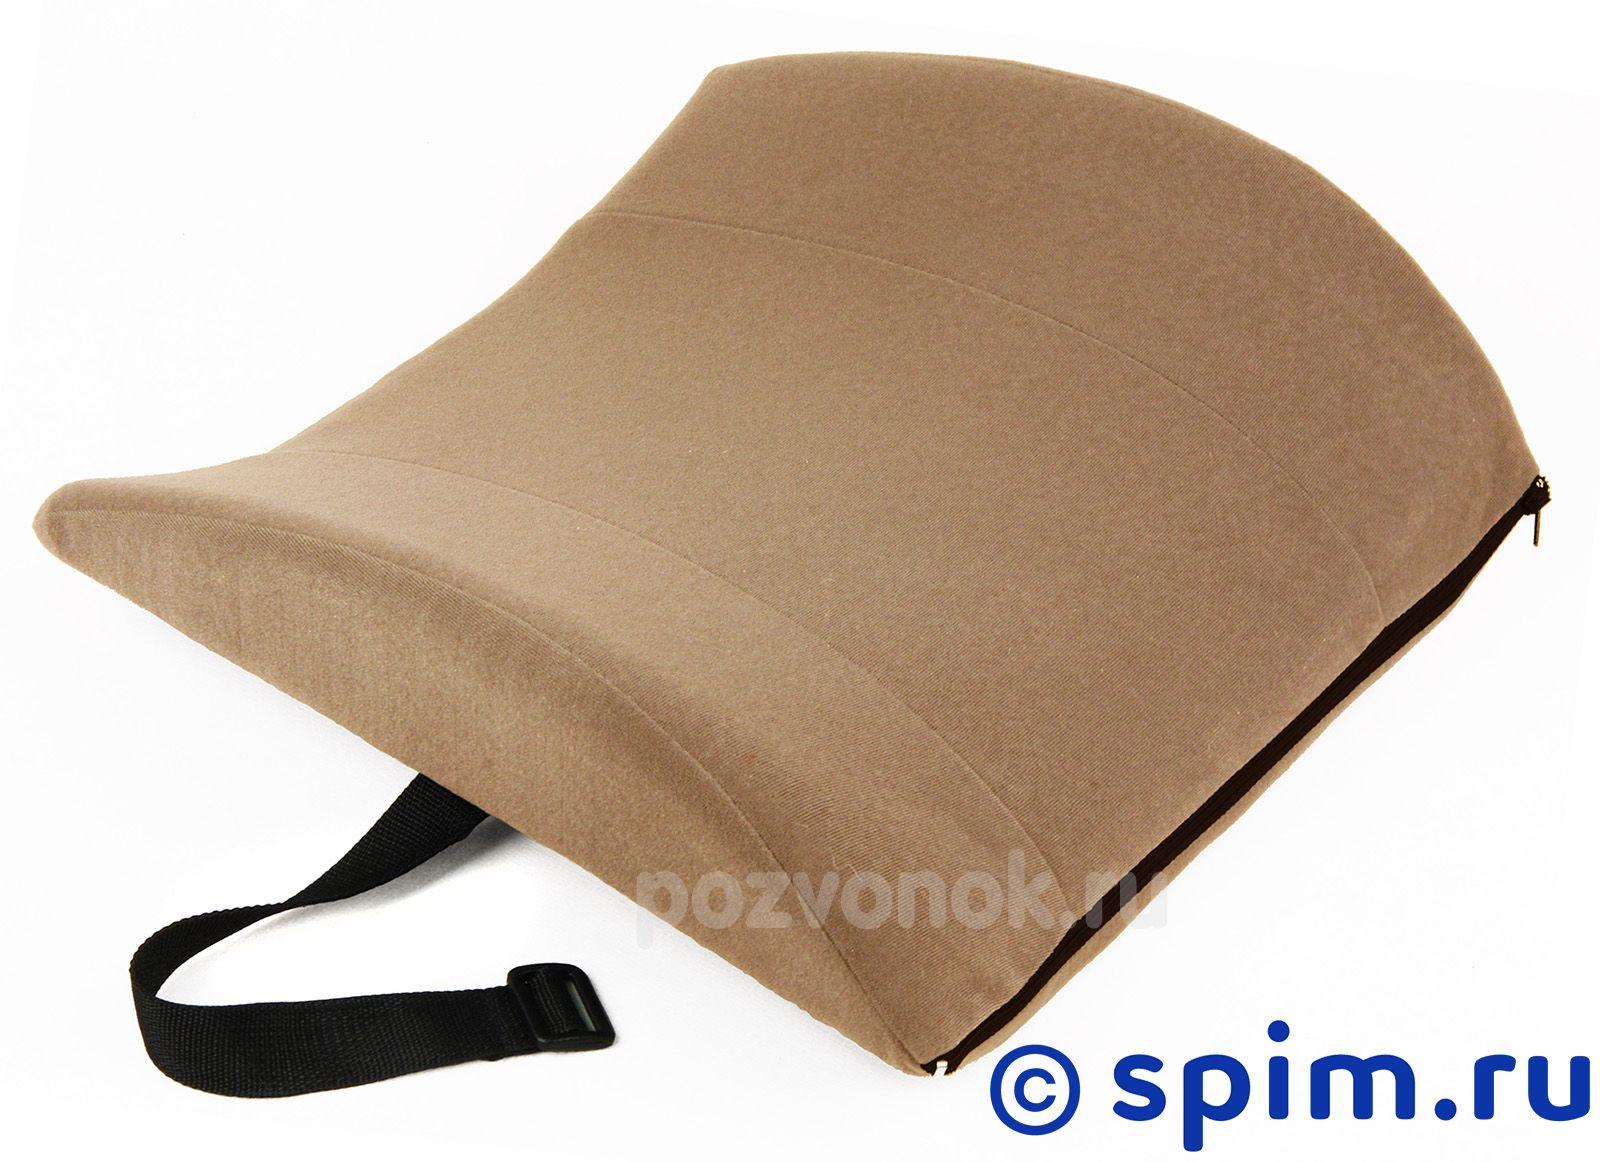 Поясничная подушка Суппорт-Комфорт подушки ортопедические польза подушка ортопедическая поясничная